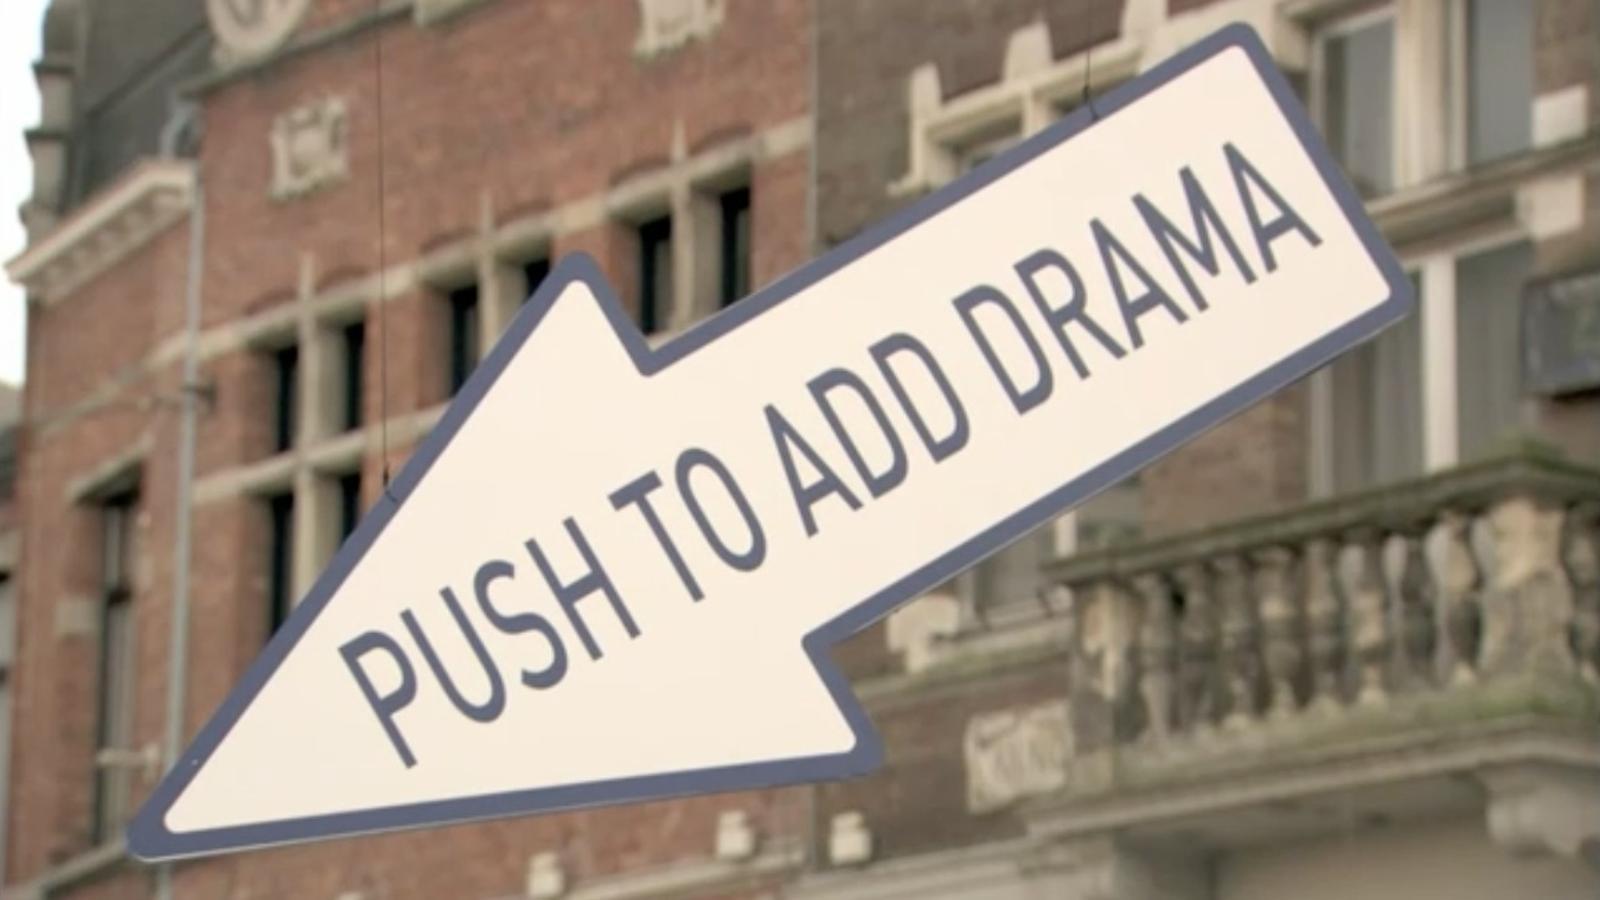 Pitjaries un botó que anuncia acció al mig del carrer? TNT es promociona amb una escena de càmera oculta